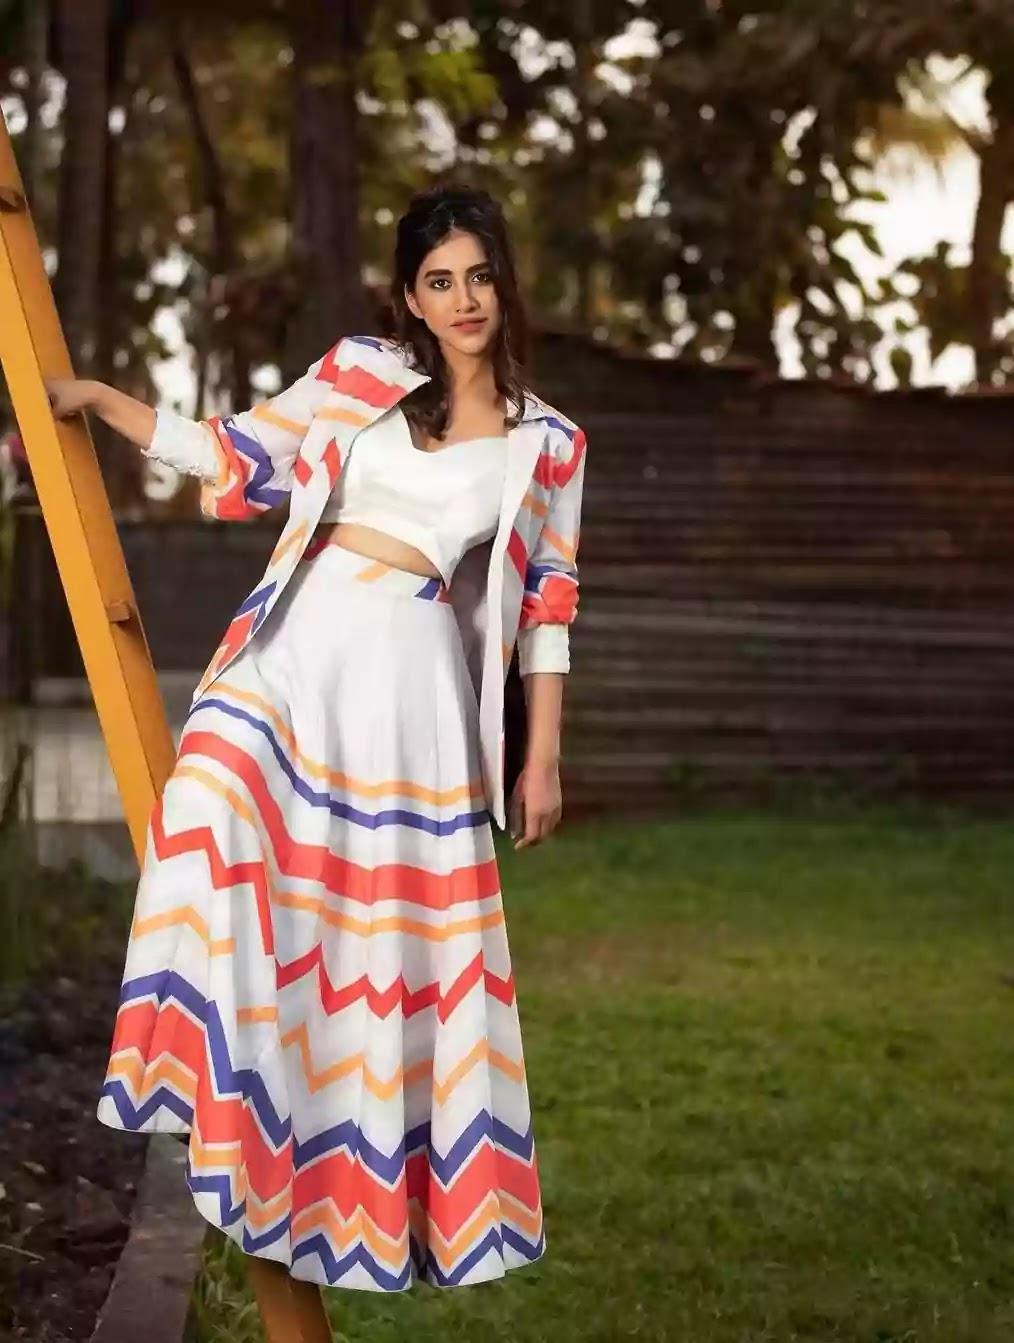 nabha-natesh-in-printed-blazer-and-skirt-set